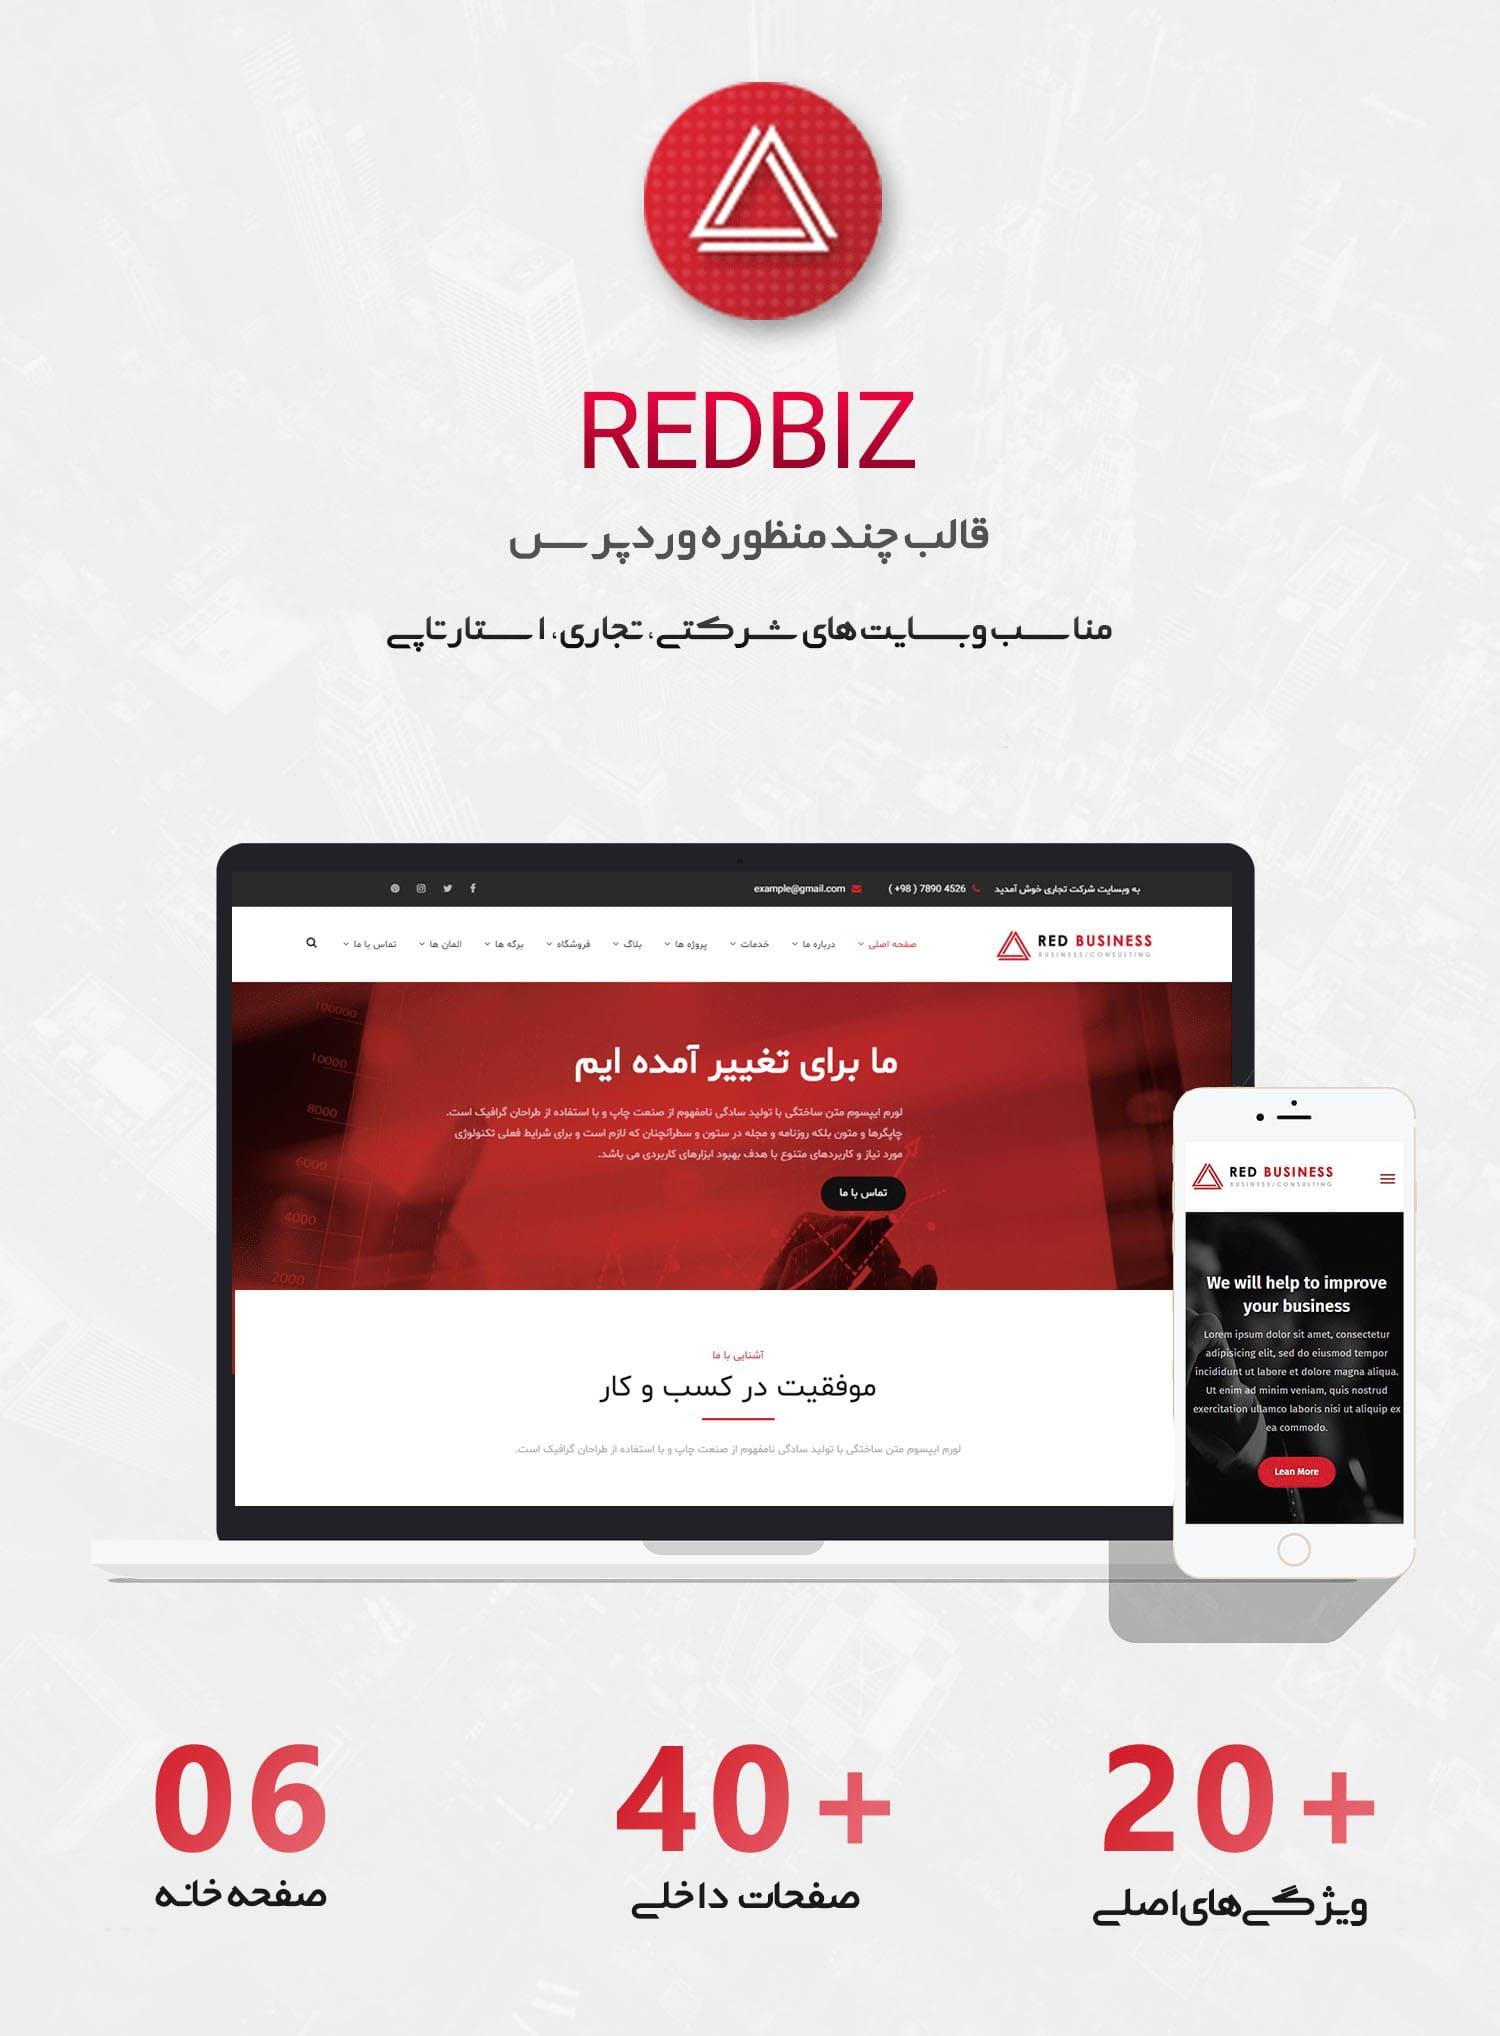 قالب Redbiz قالب وردپرس شرکتی همراه با فروشگاه حرفه ای | قالب چند منظوره Redbiz